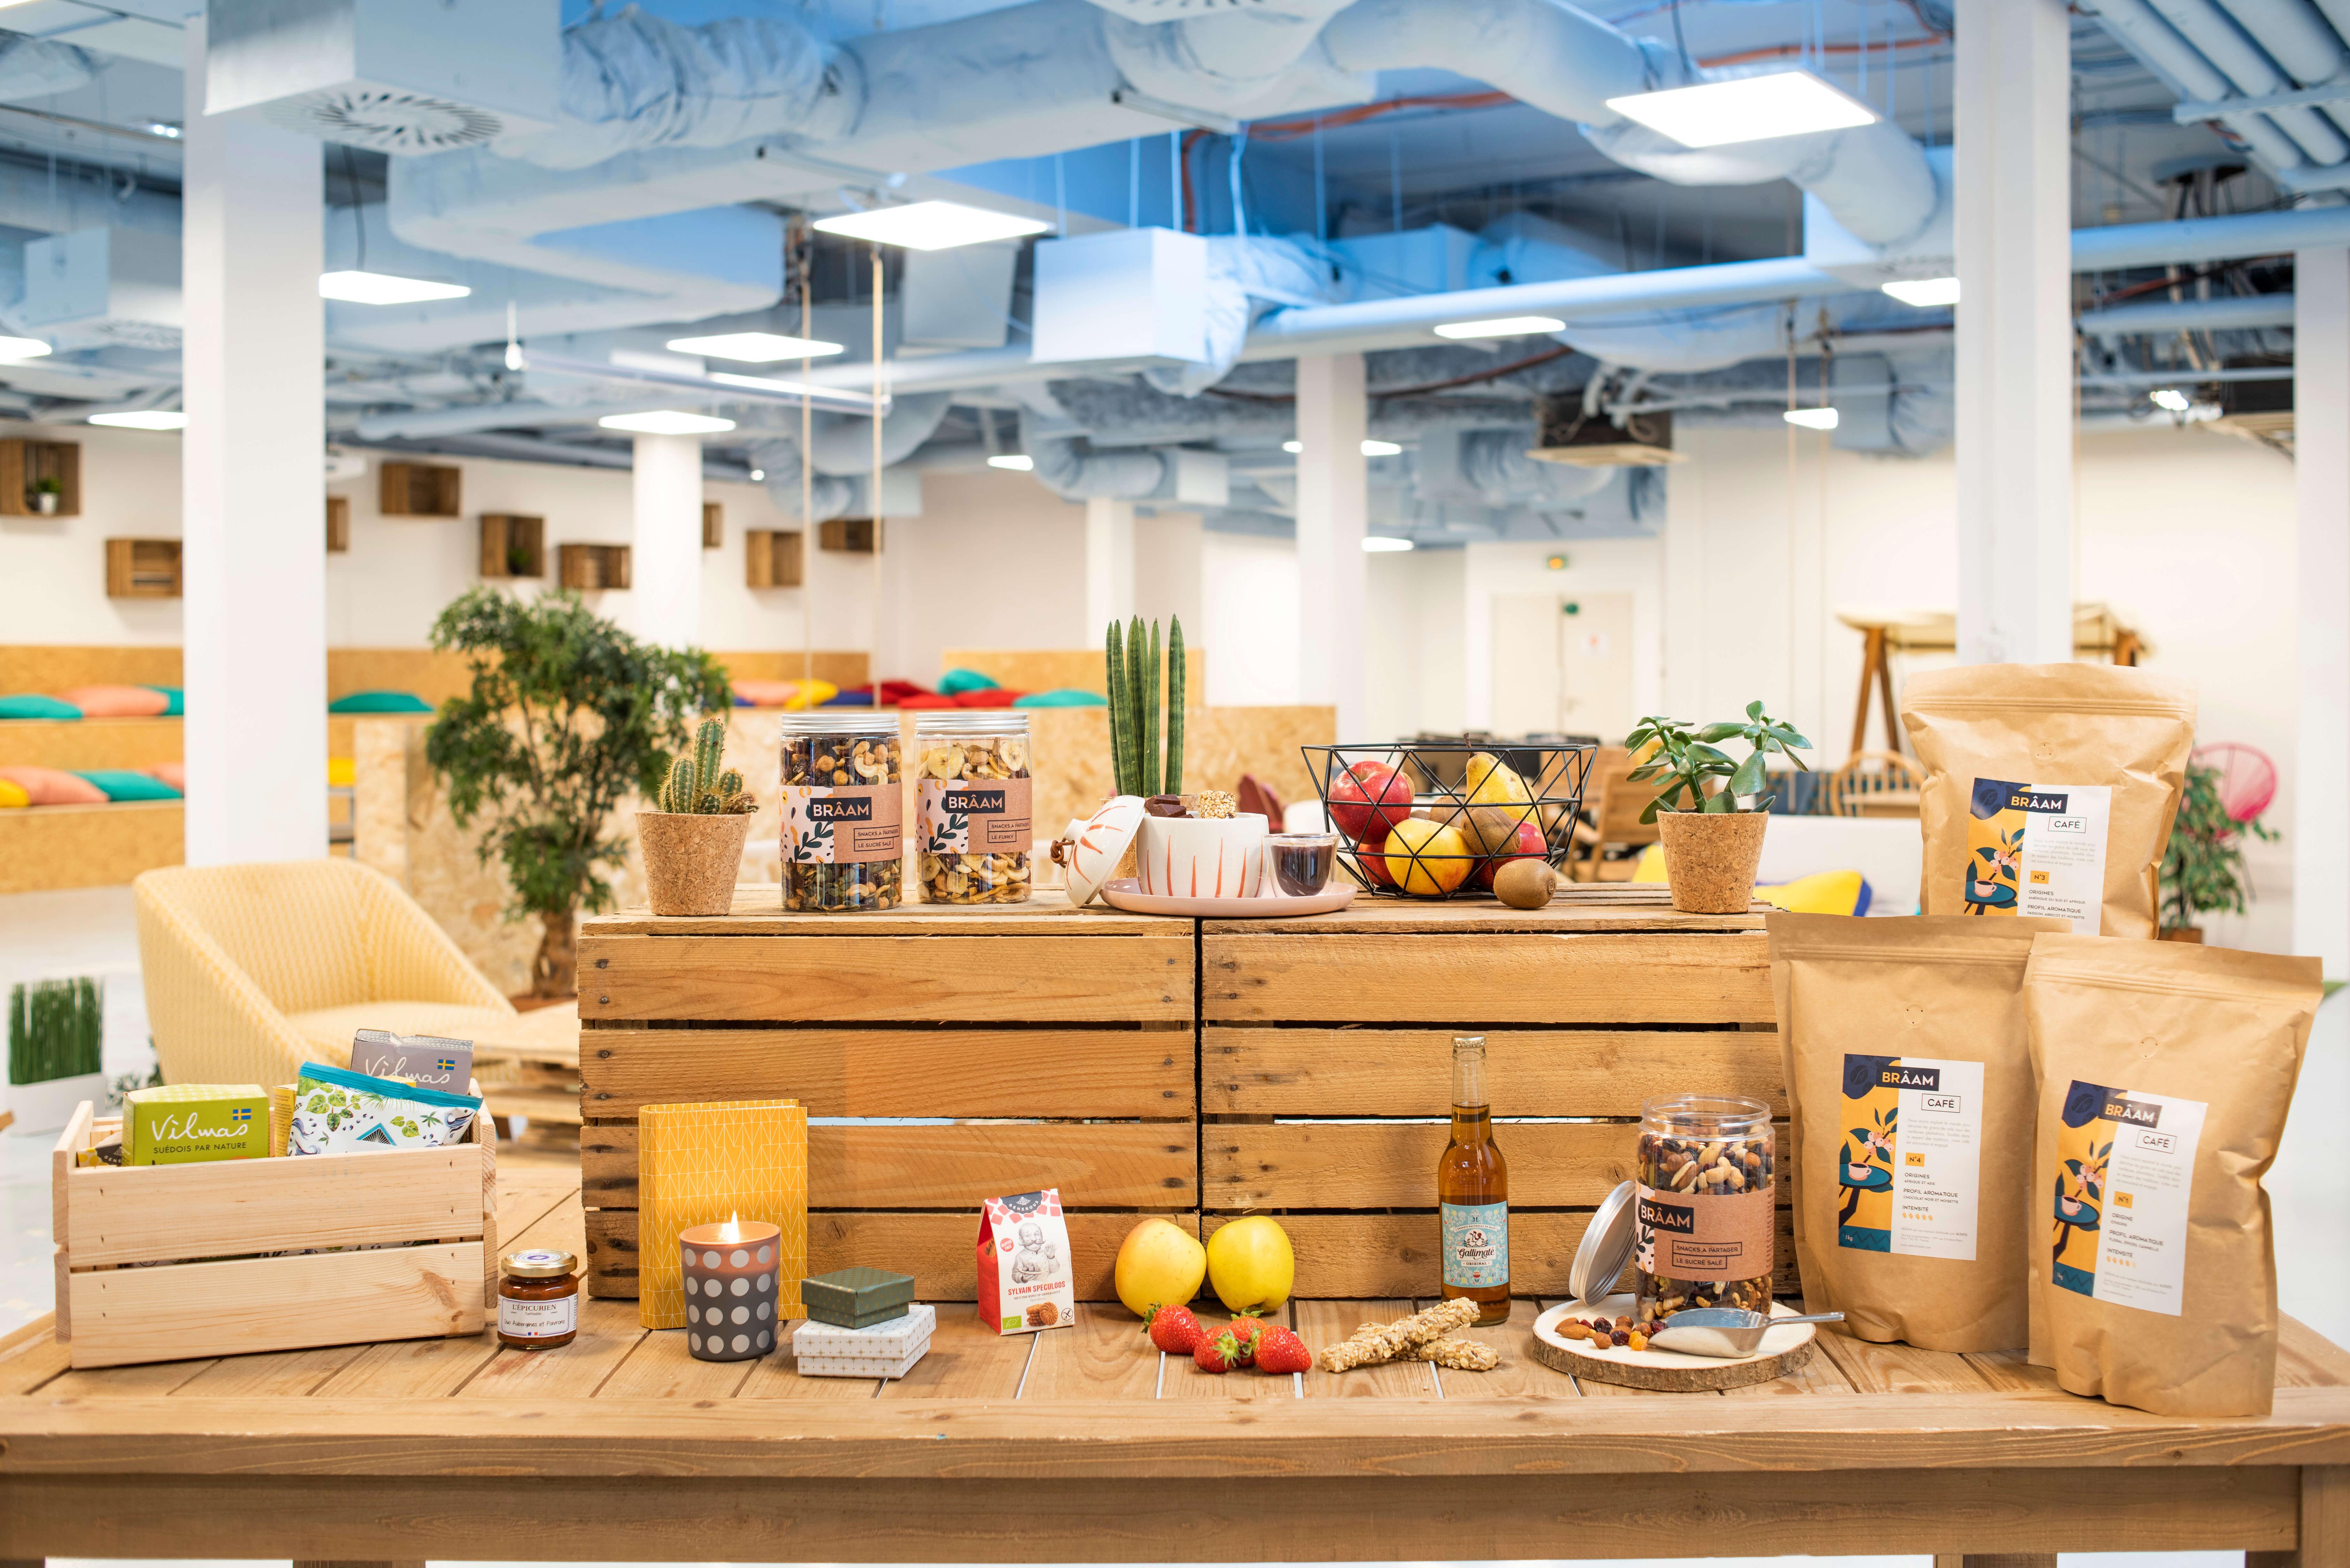 cajas y palés con alimentos y snacks saludables